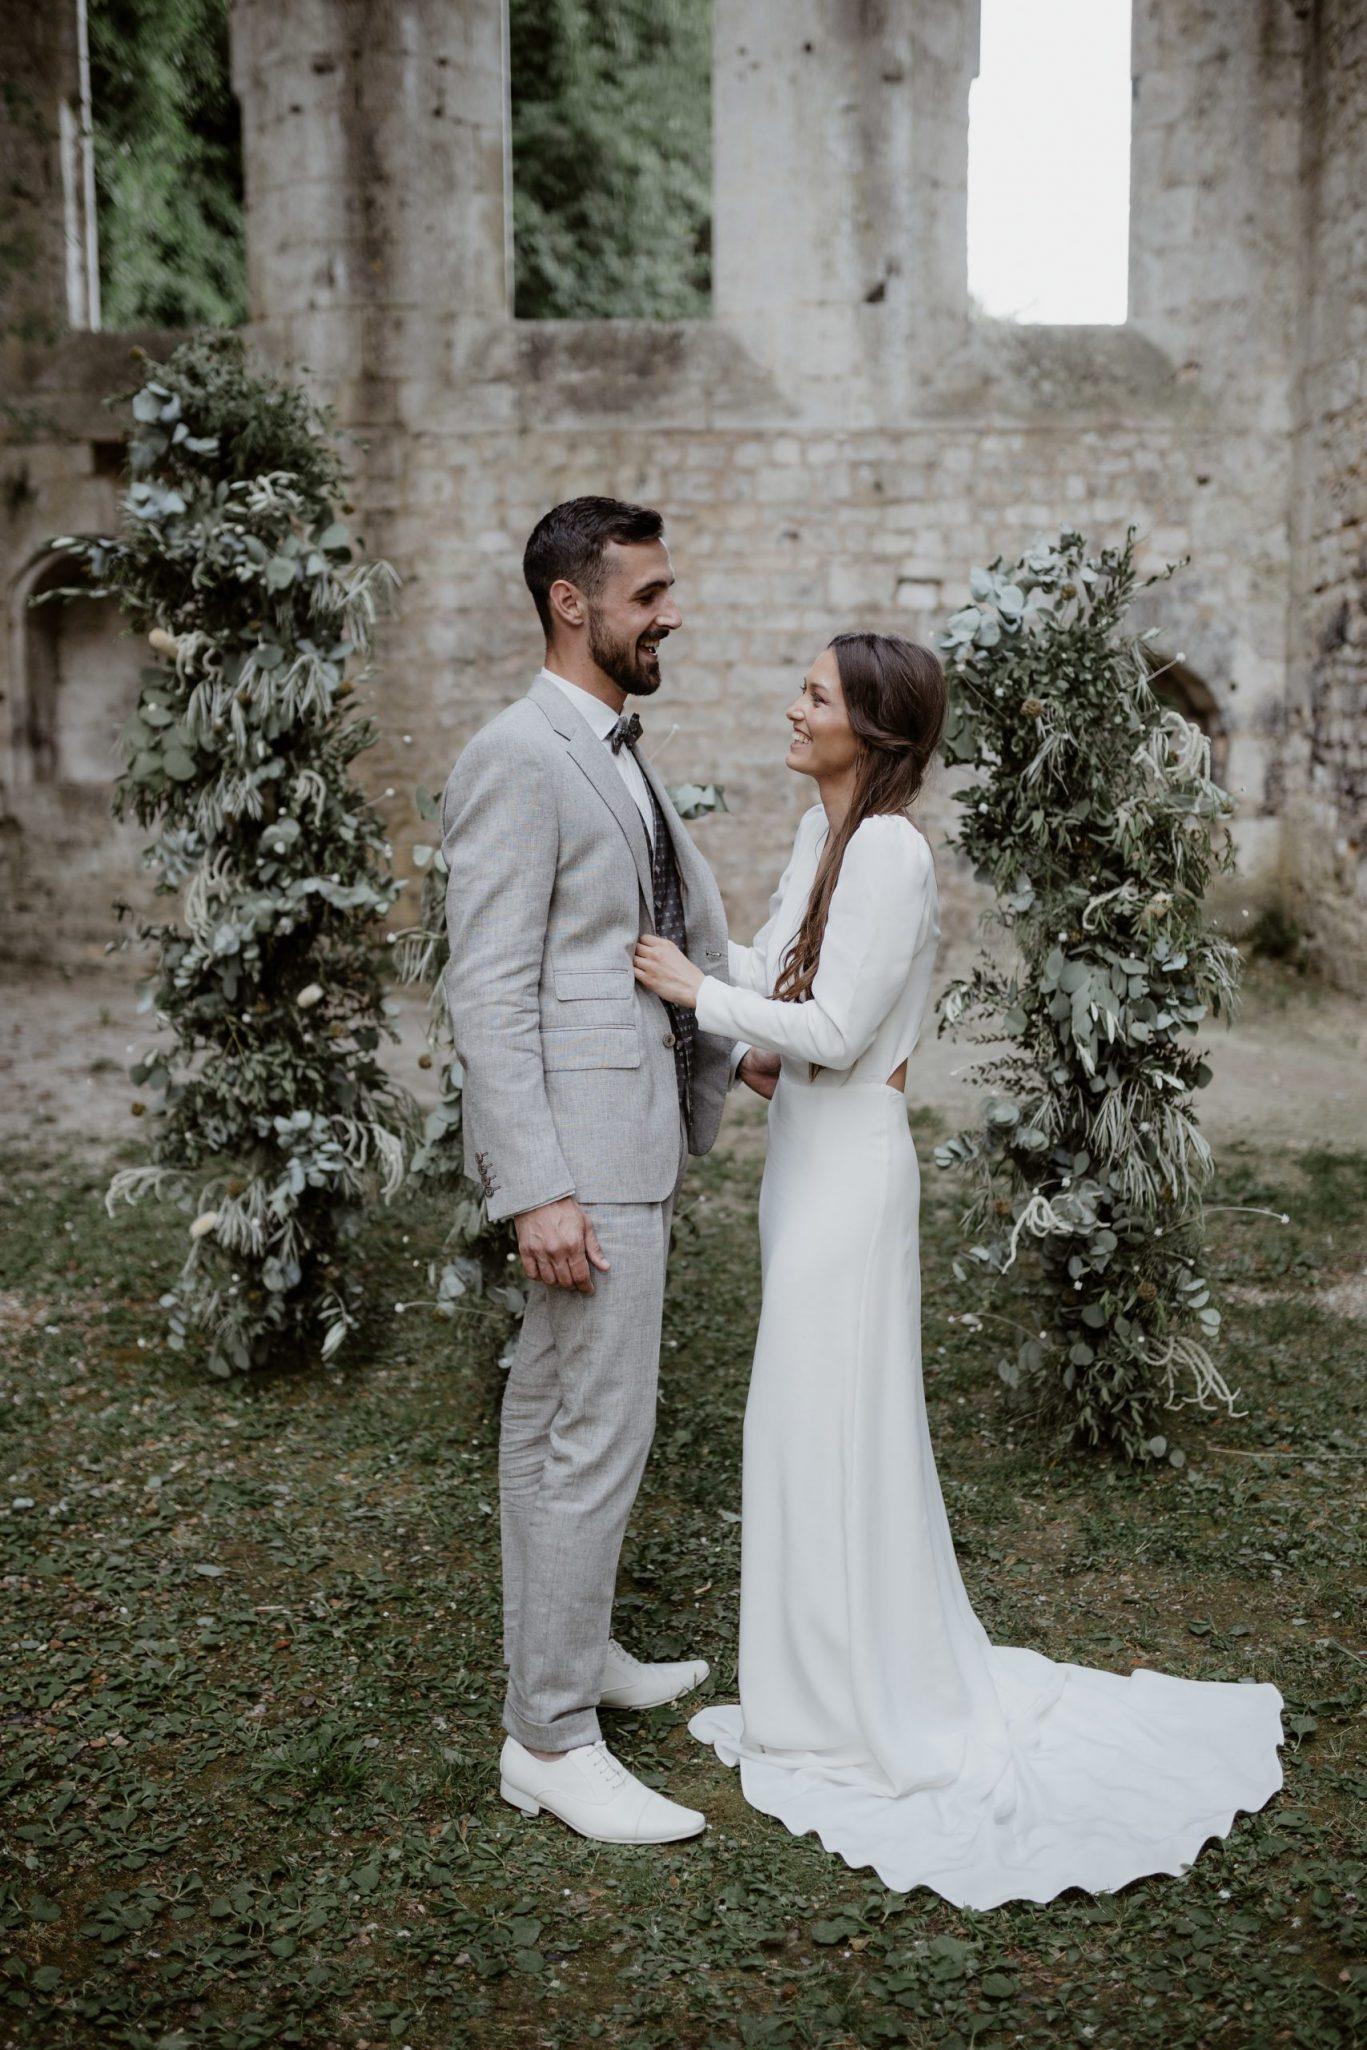 organiser une cérémonie laïque lors d'un mariage en petit comité à l'abbaye fontaine guérard. Empreinte Ephémère wedding planner Provence paris normandie